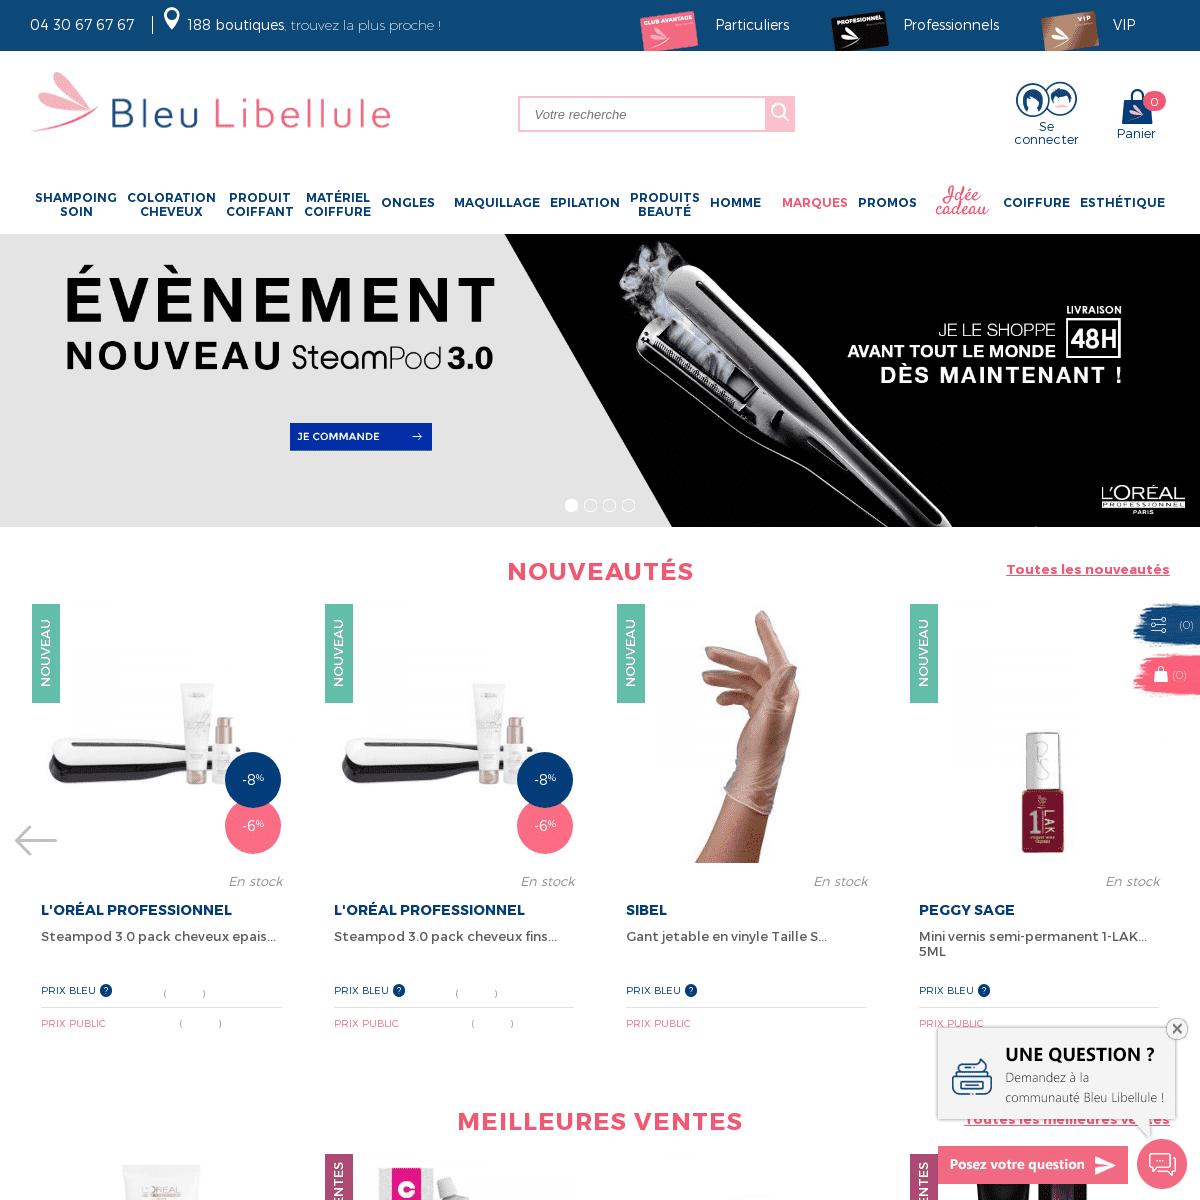 Coiffure et esthétique, produits de marques pour particuliers et professionnels- Bleu Libellule